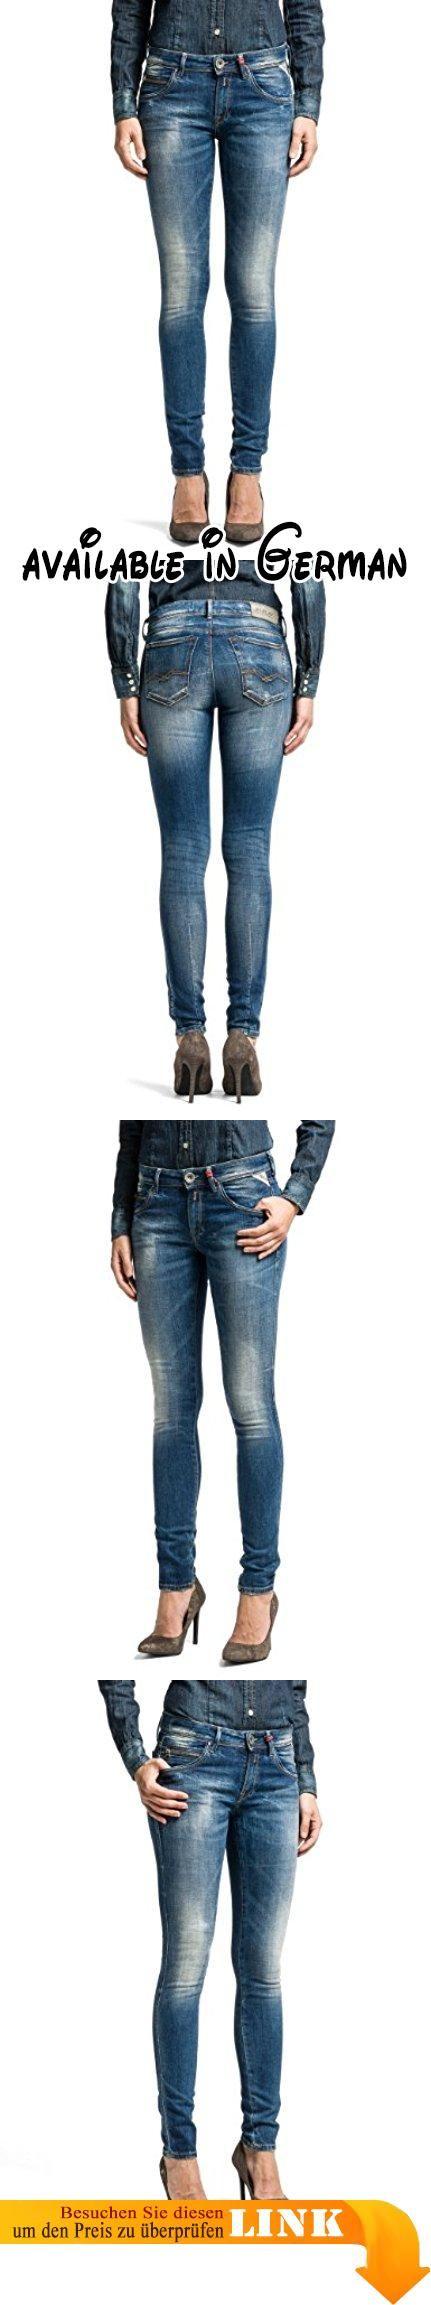 Replay Damen Slim Jeanshose Yasmeen, Gr. W32/L34 (Herstellergröße: 32), Blau (Denim Blue 7). Diese Röhre von Replay sollte in keinem gut sortierten Kleiderschrank fehlen. Die schmal geschnittene Jeans passt sich dank des Stretch-Anteils und ihrer robusten Qualität perfekt an die Haut an. Sie hat vorne eine normale Leibhöhe und ist hinten etwas höher geschnitten. Mit engem Print-Shirt oder Longbluse, High Heels und interessanten Accessoires gelingen sexy Outfits wie